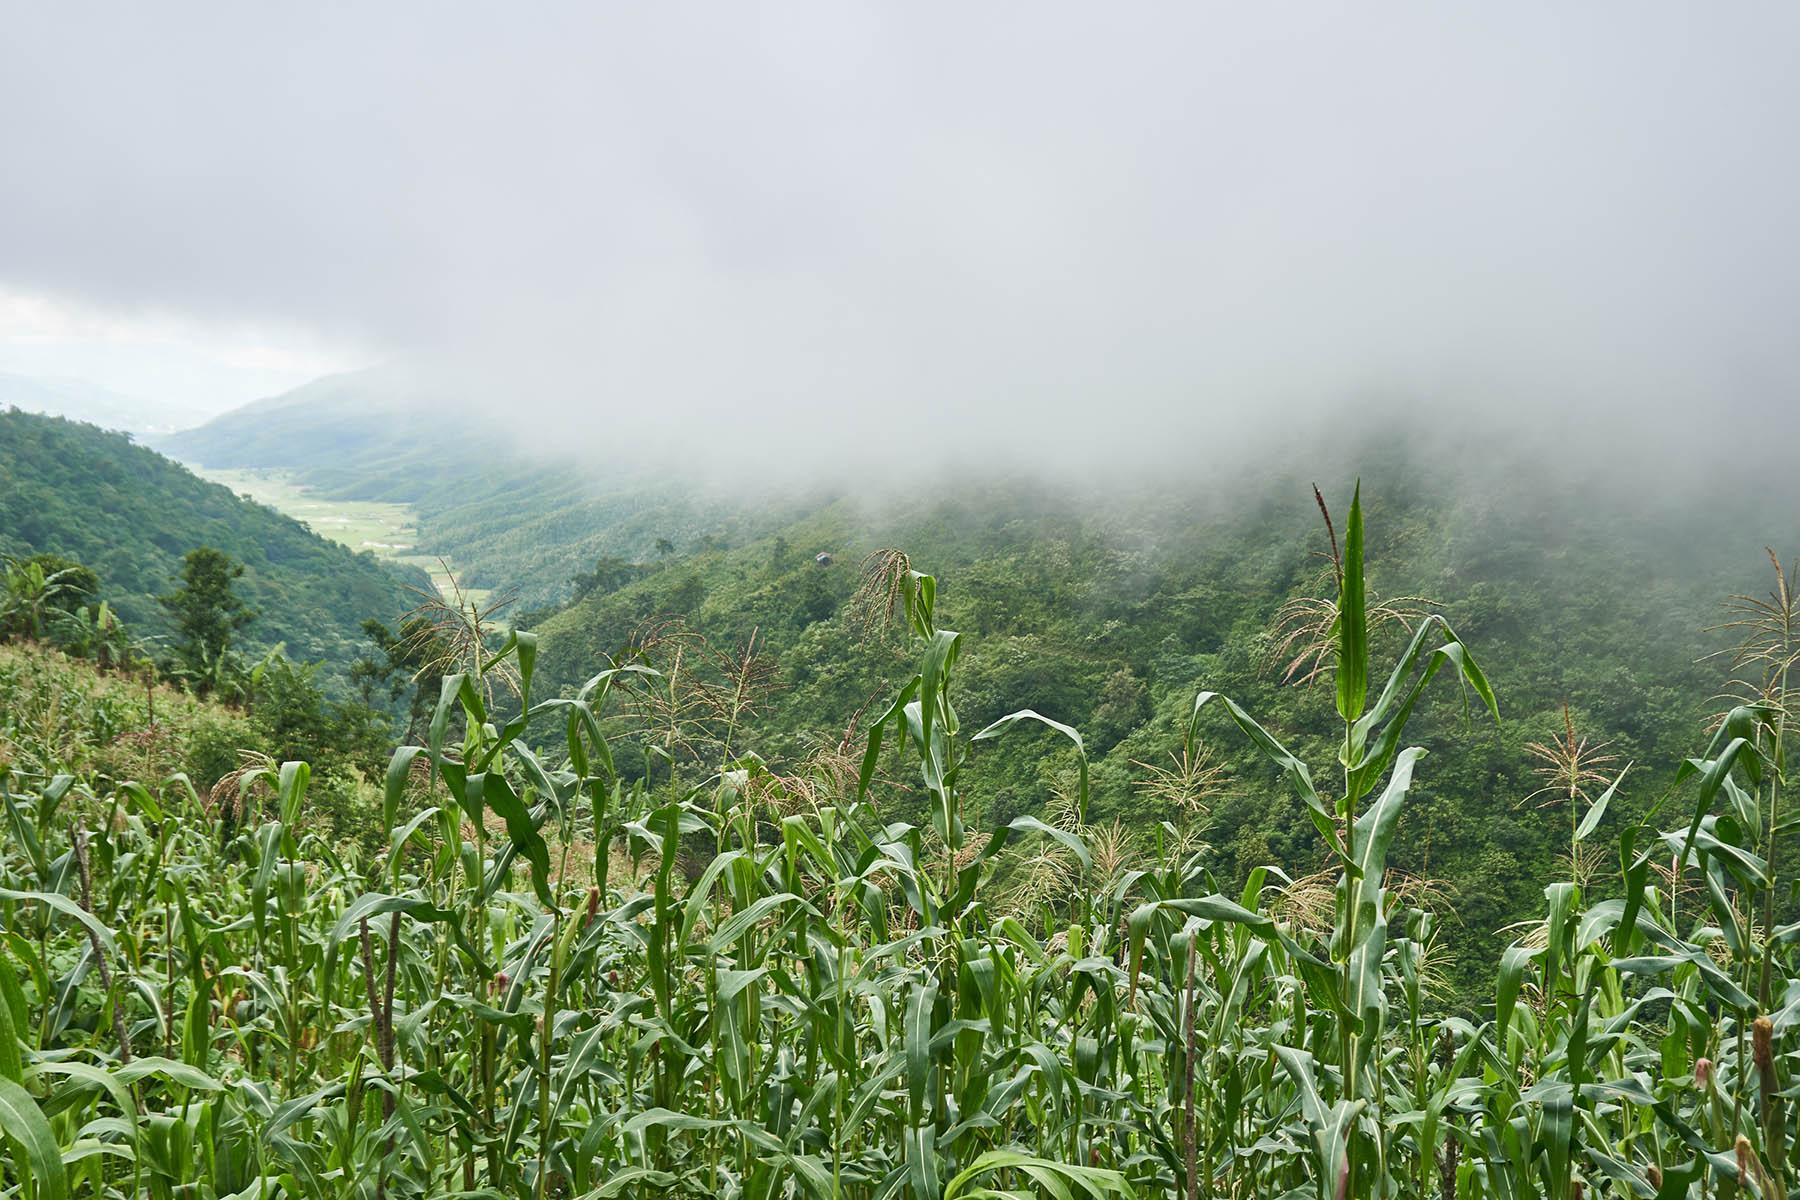 Chmury poniżej szczytu wzgórza